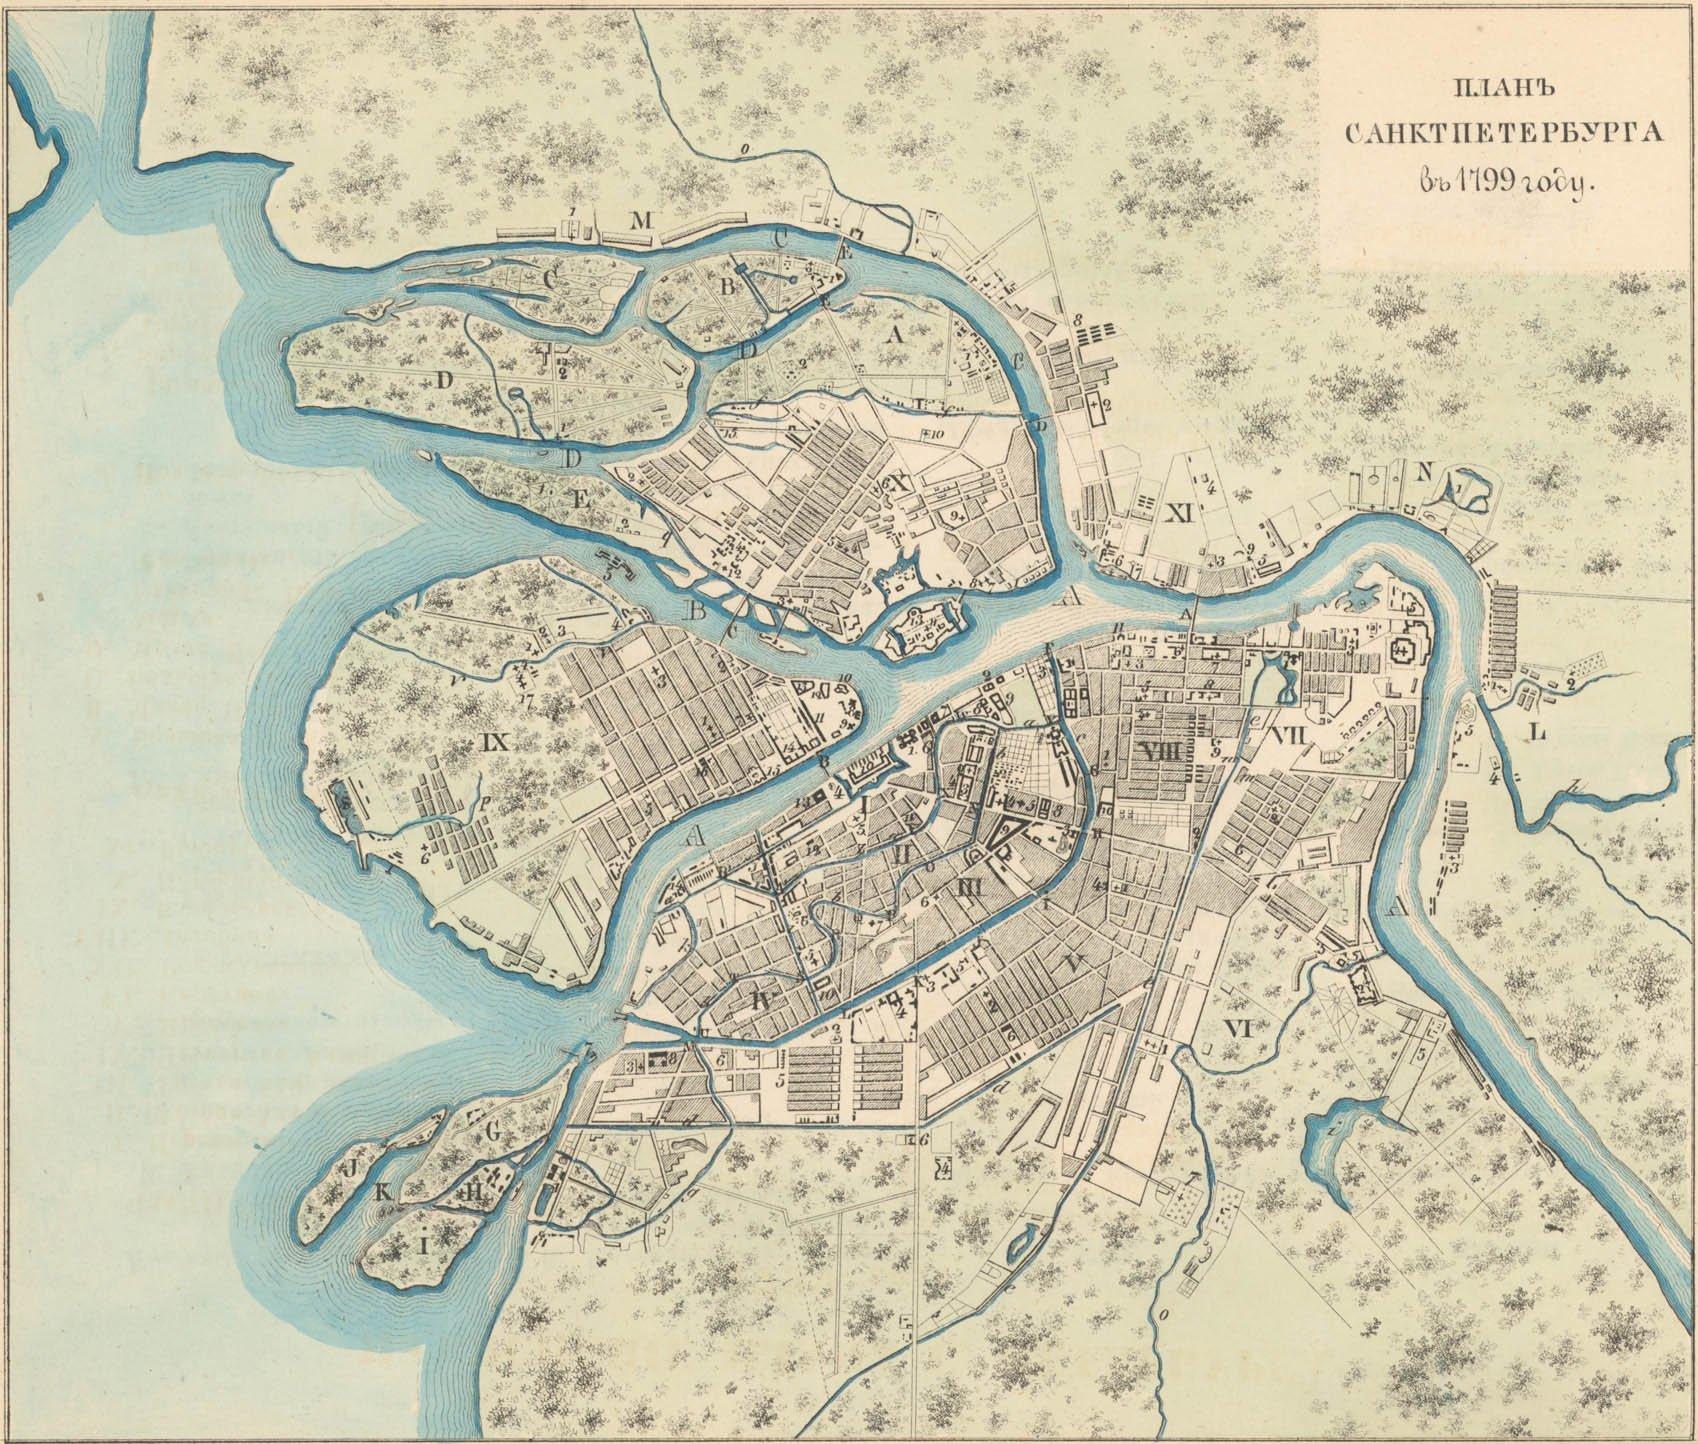 1799 год СПб, древние карты, карты, карты Питера, редкие карты, санкт-петербург